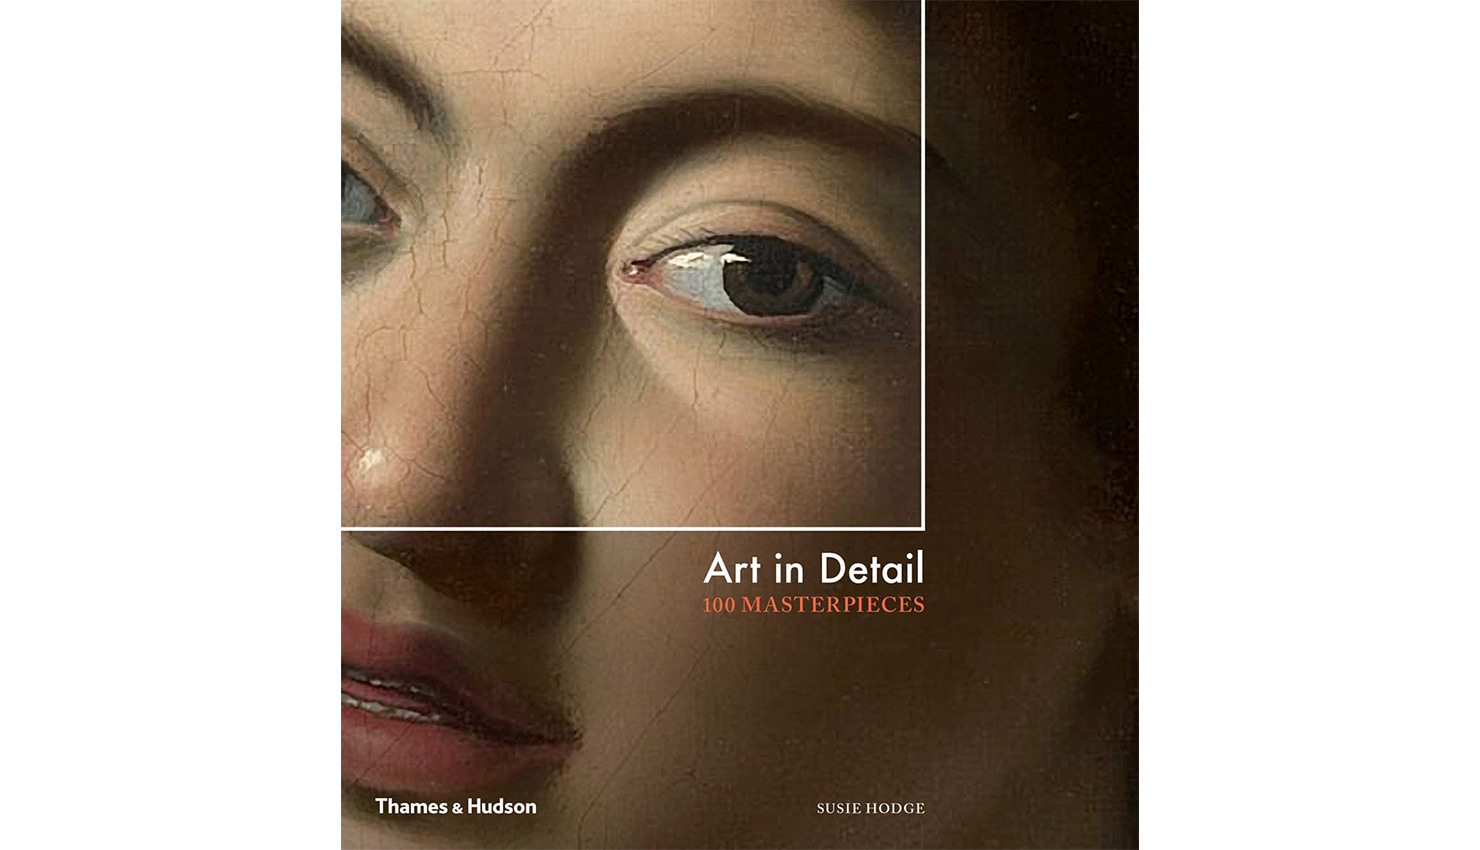 art-in-detail-book-moda-libros-magazinehorse